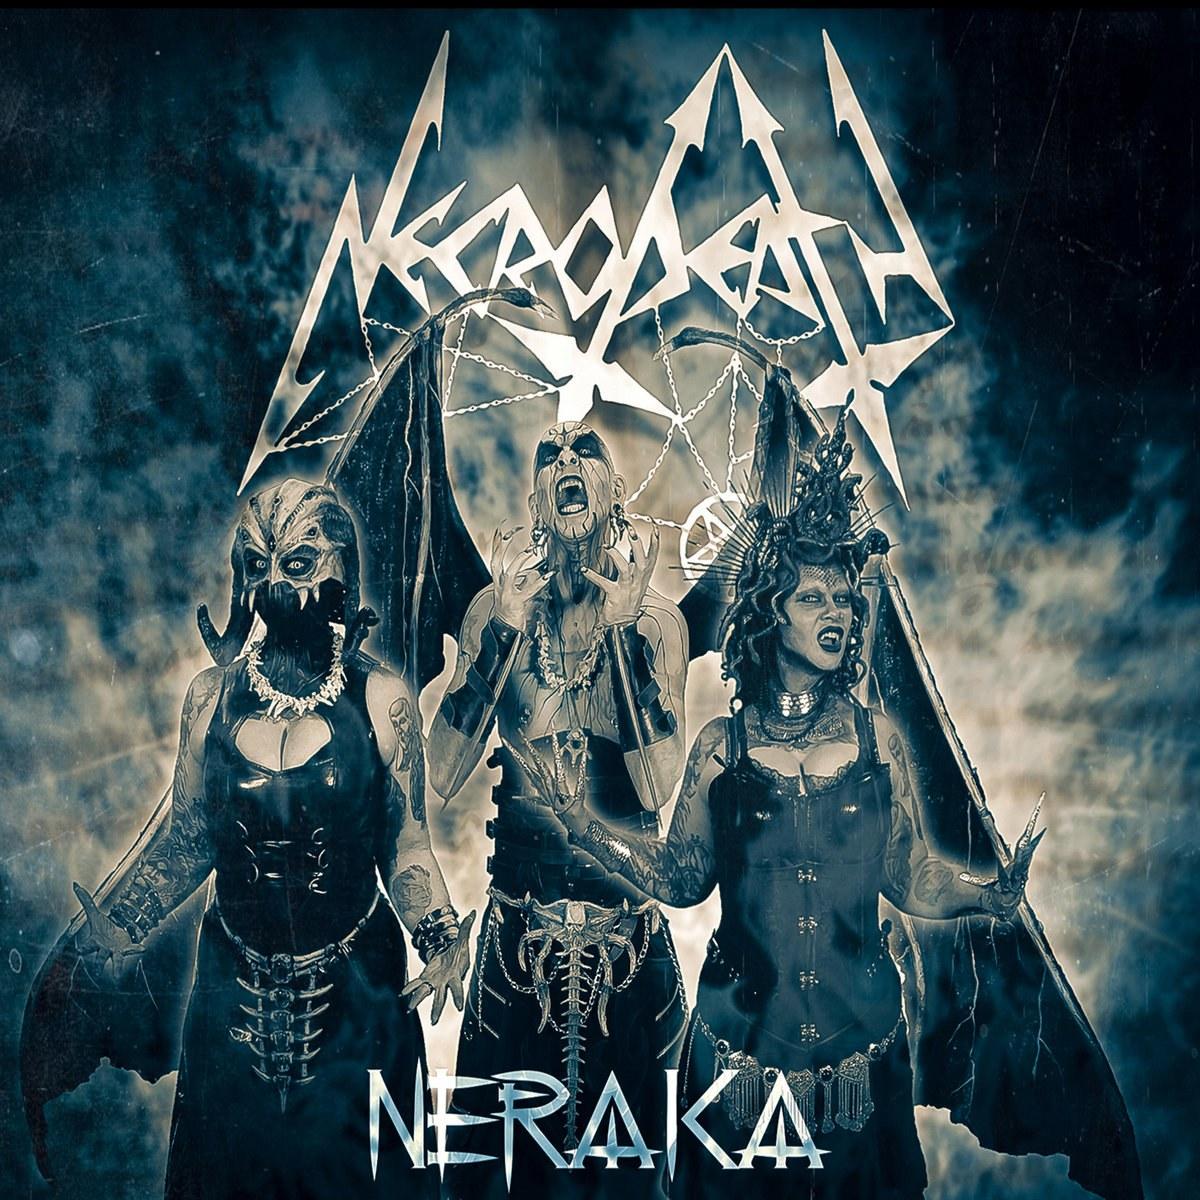 Review for Necrodeath - Neraka